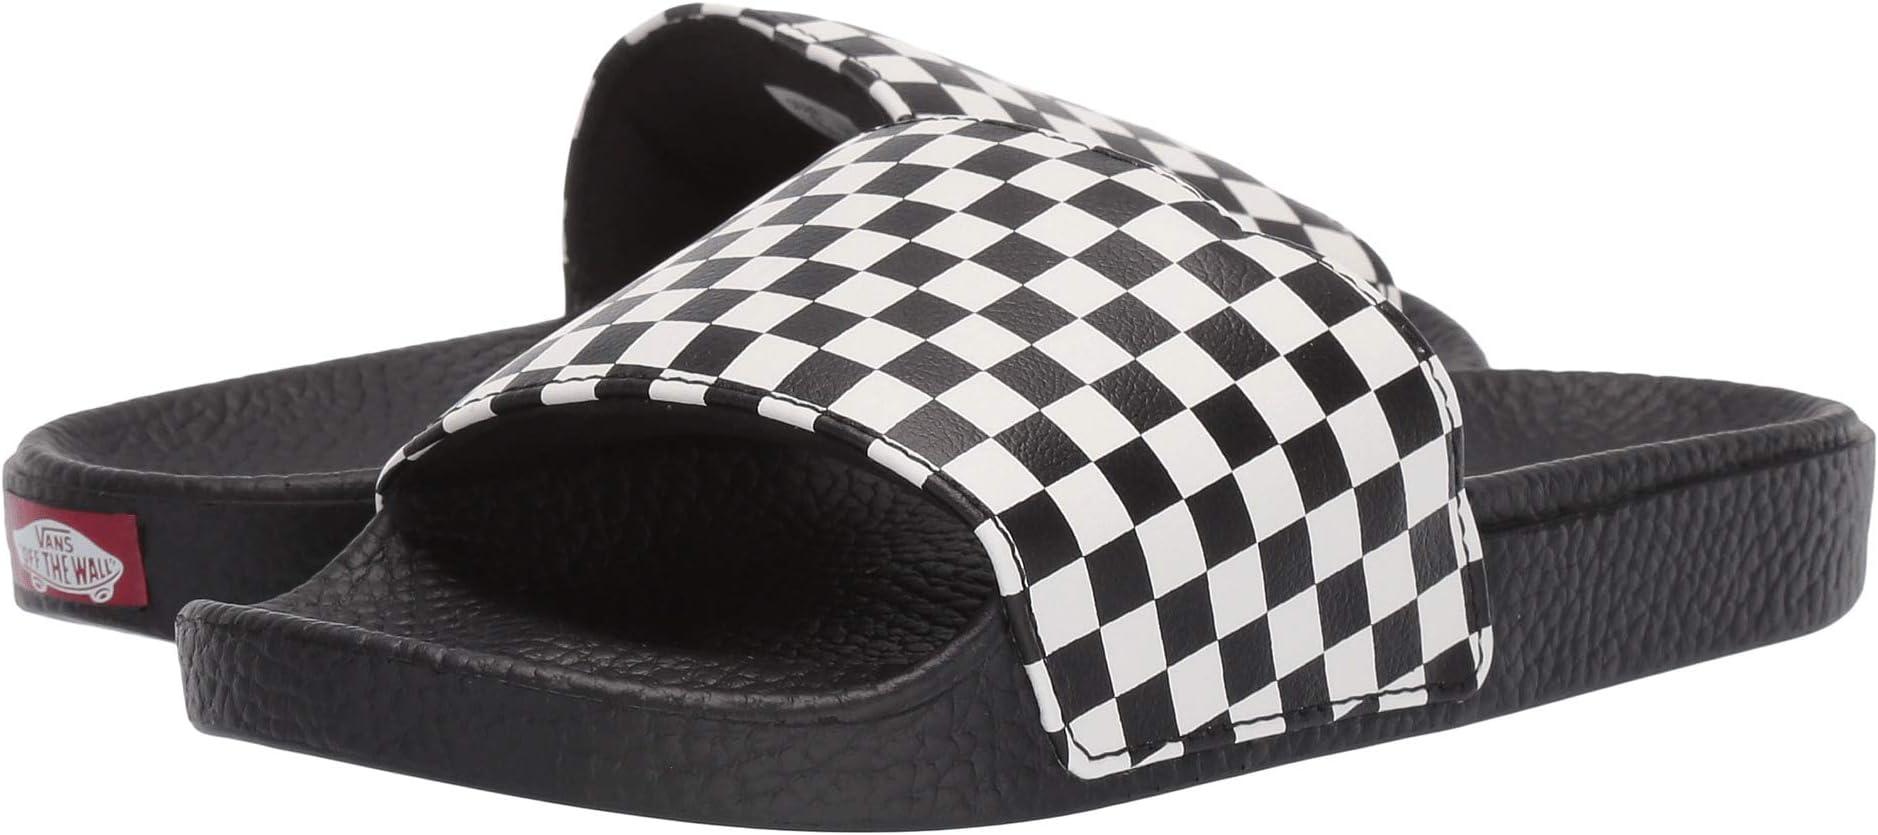 Vans® Kids Slide-On Checker Board Sandal